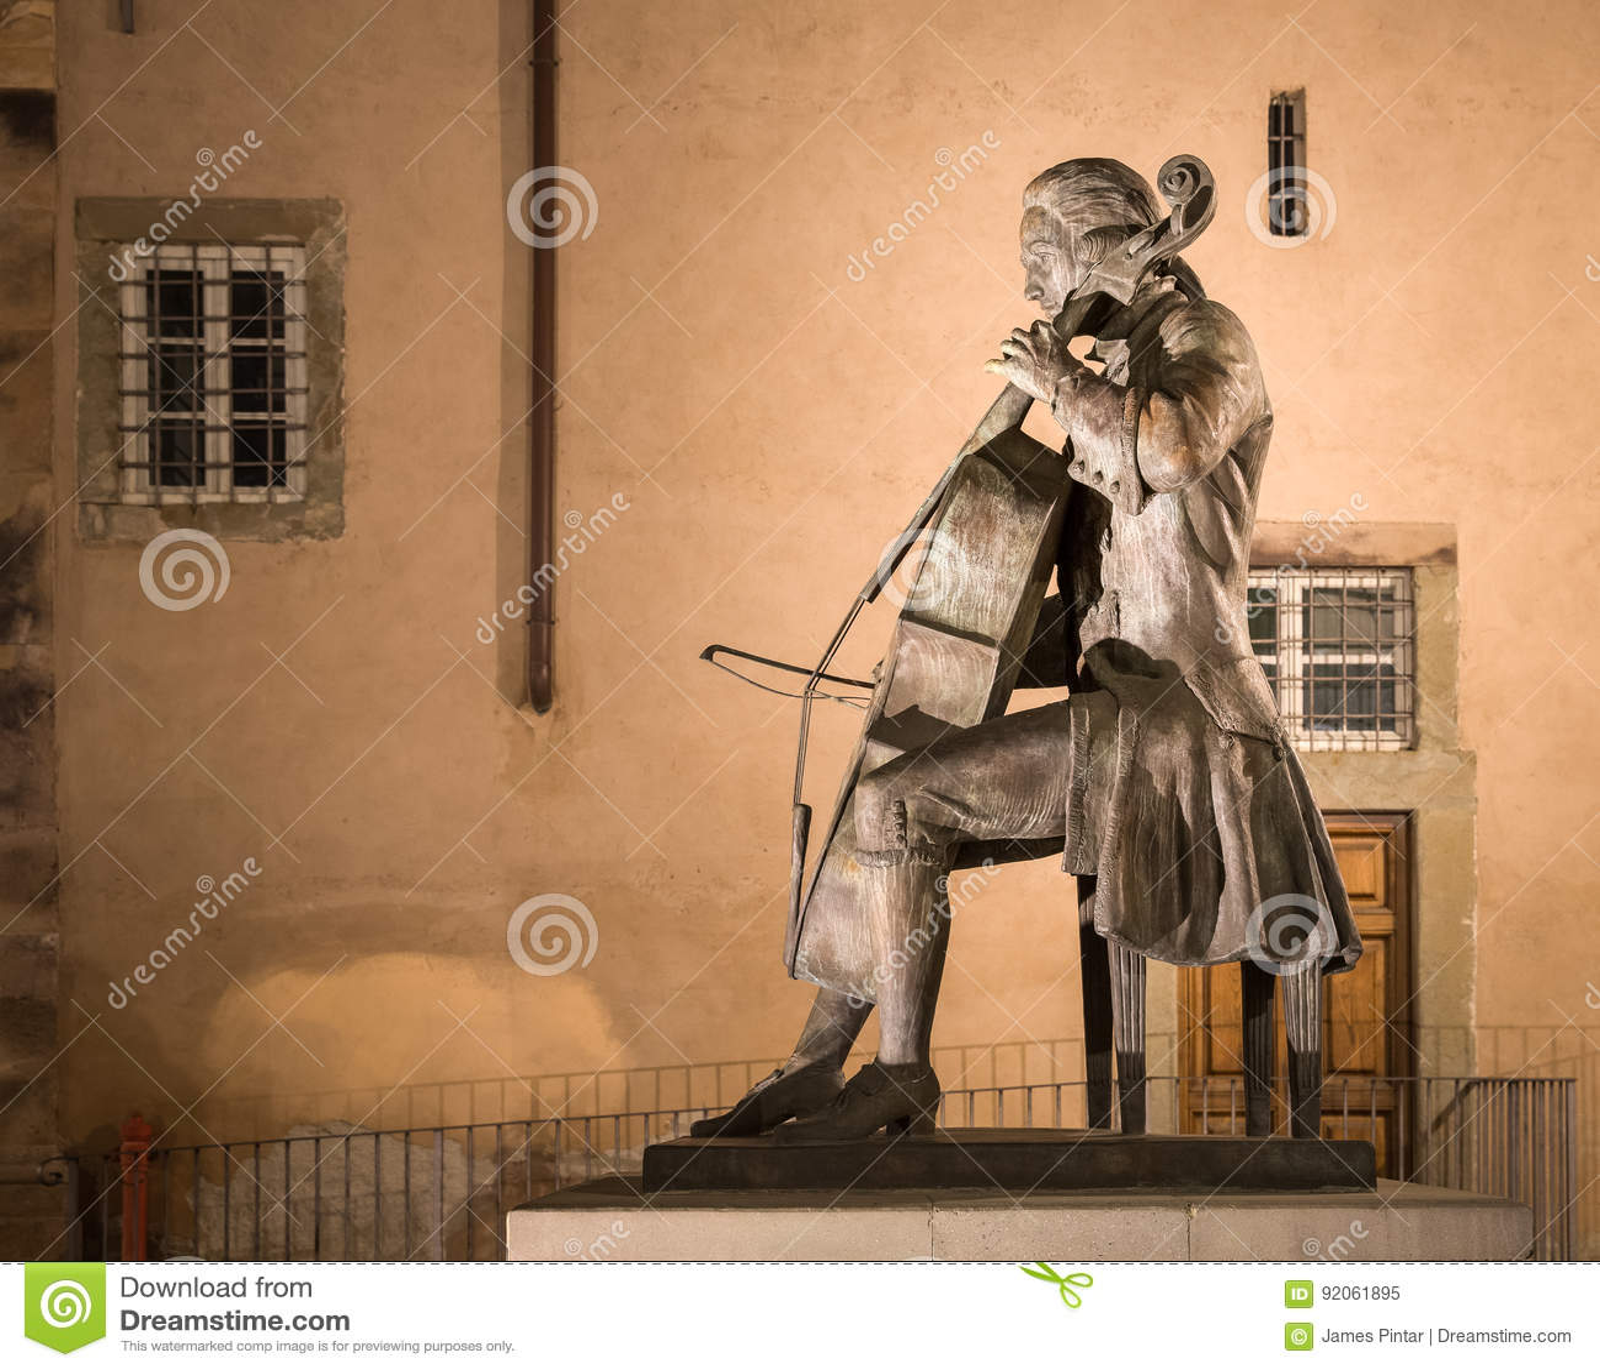 Statue of Composer and Cellist Luigi Boccherini